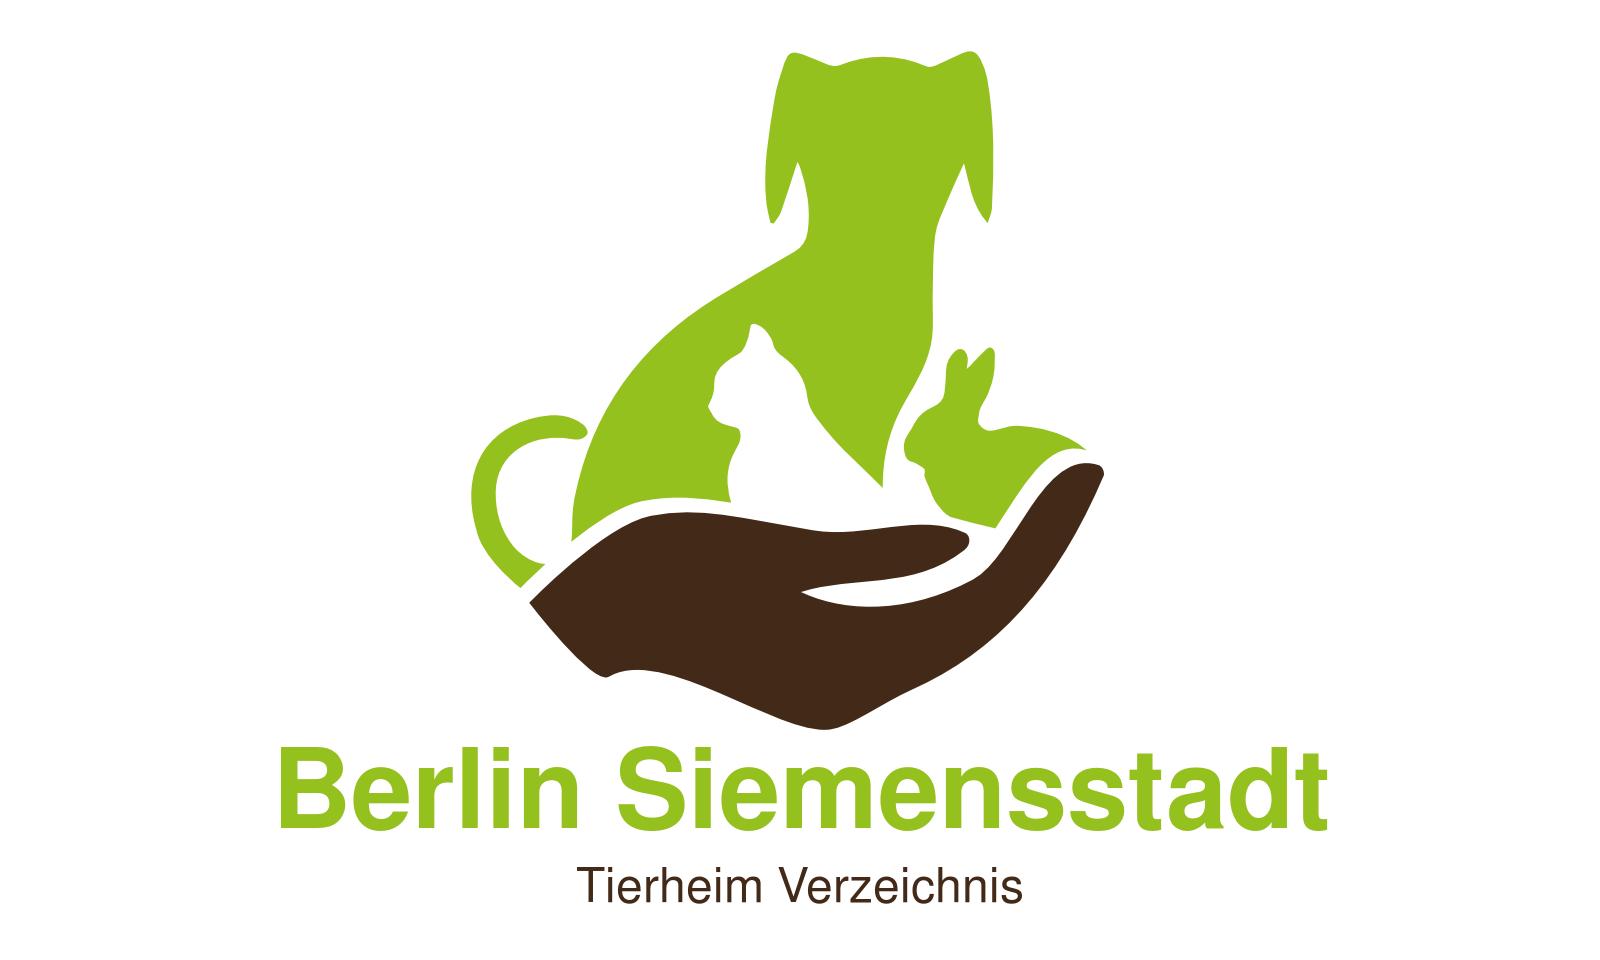 Tierheim Berlin Siemensstadt